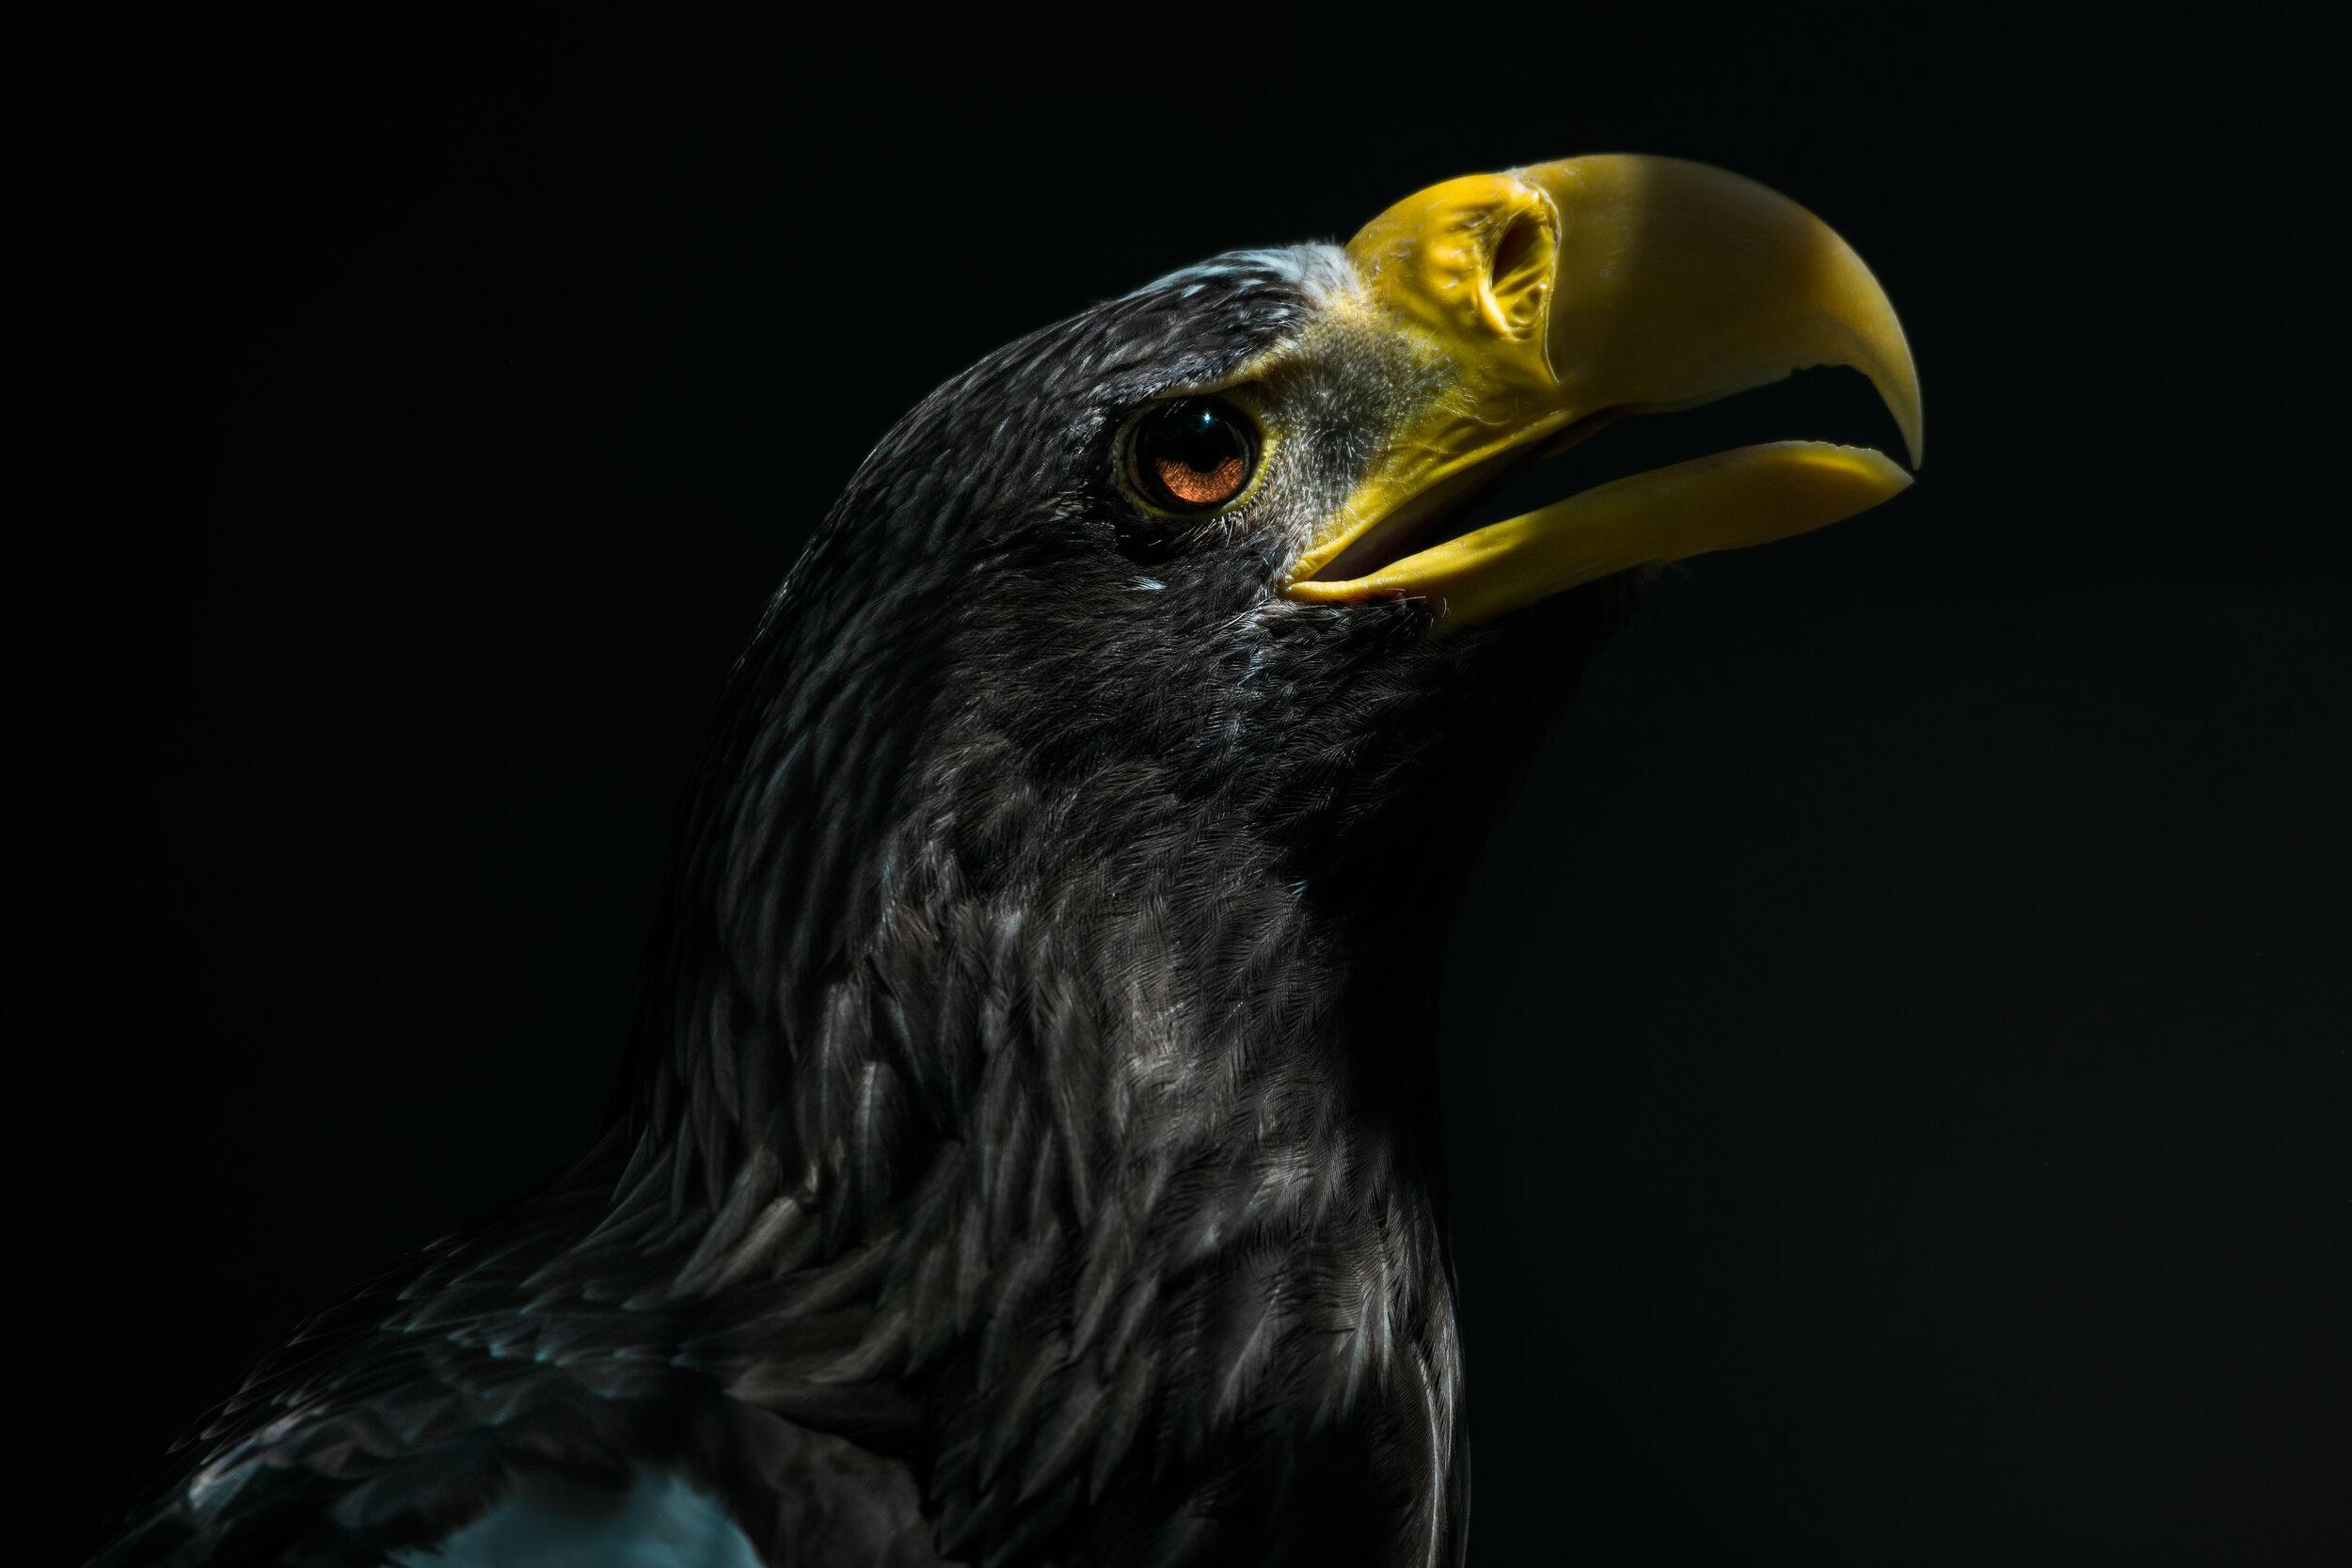 stellar_bird.jpg